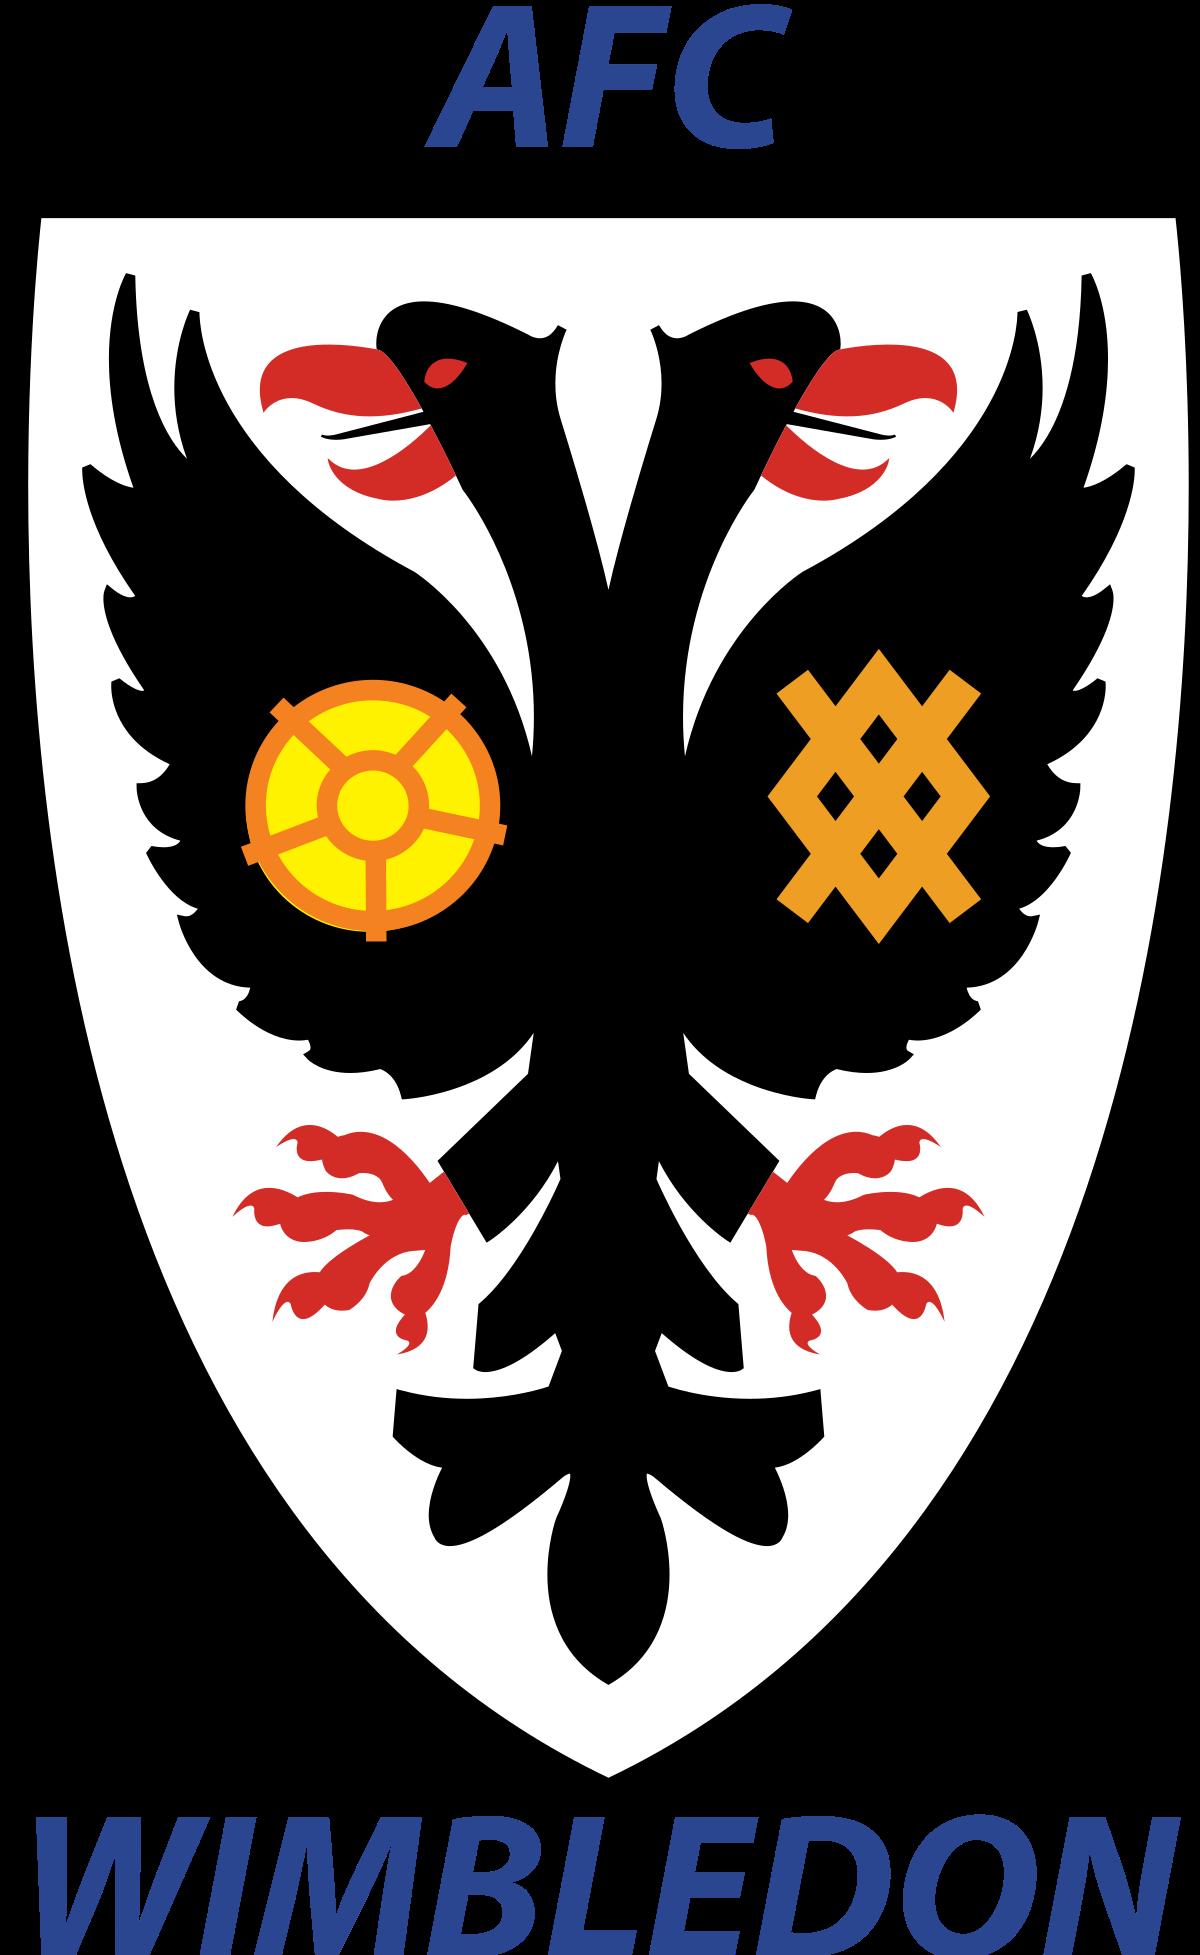 AFC Wimbledon crest